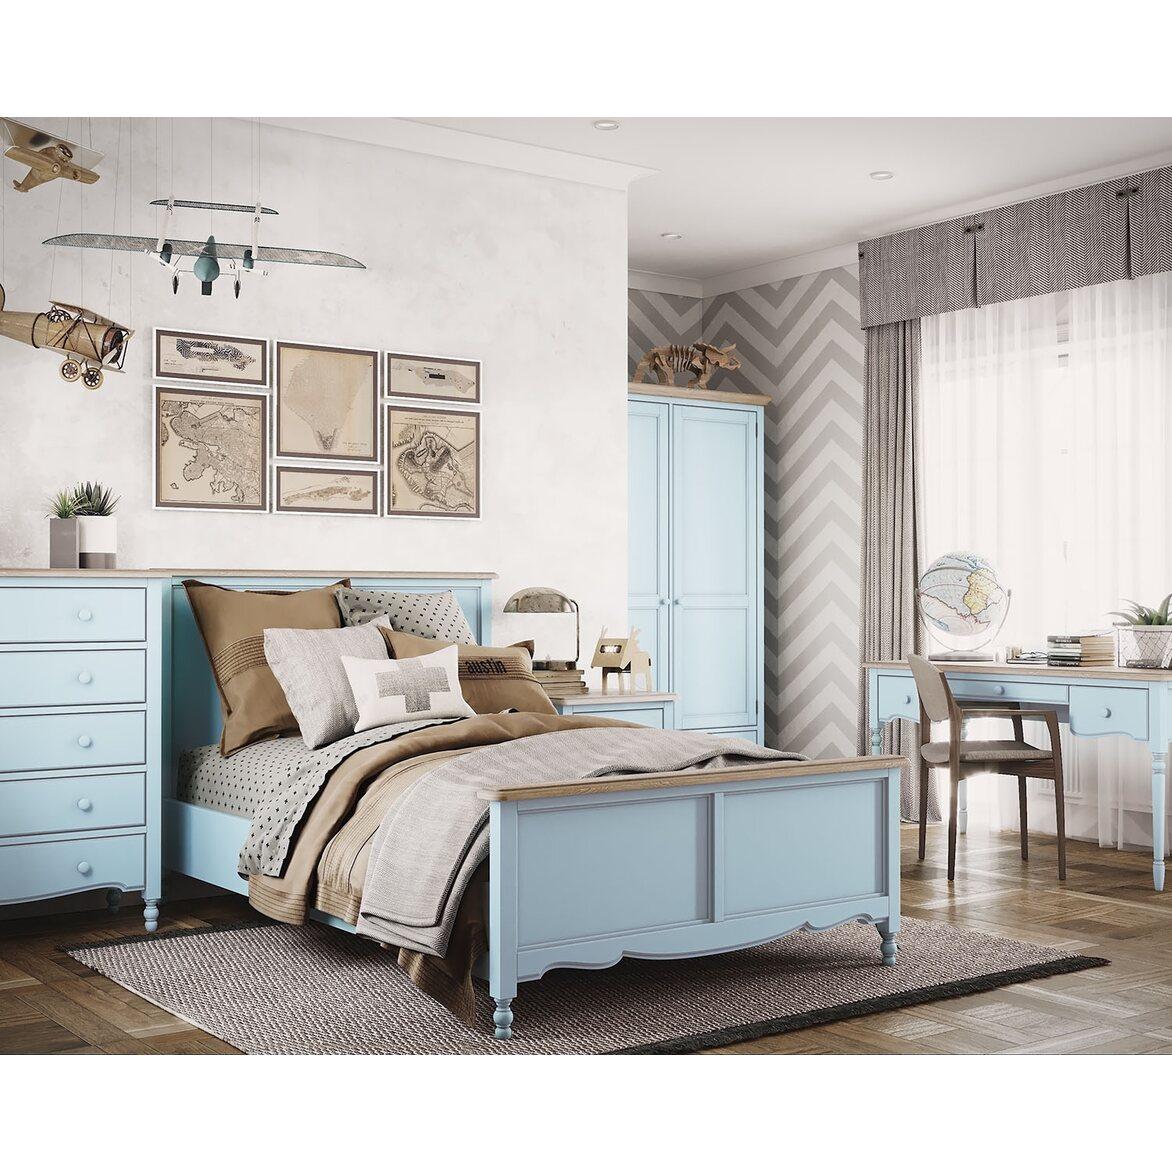 Письменный стол с 3-я ящиками Leblanc, голубой 2 | Письменные столы Kingsby